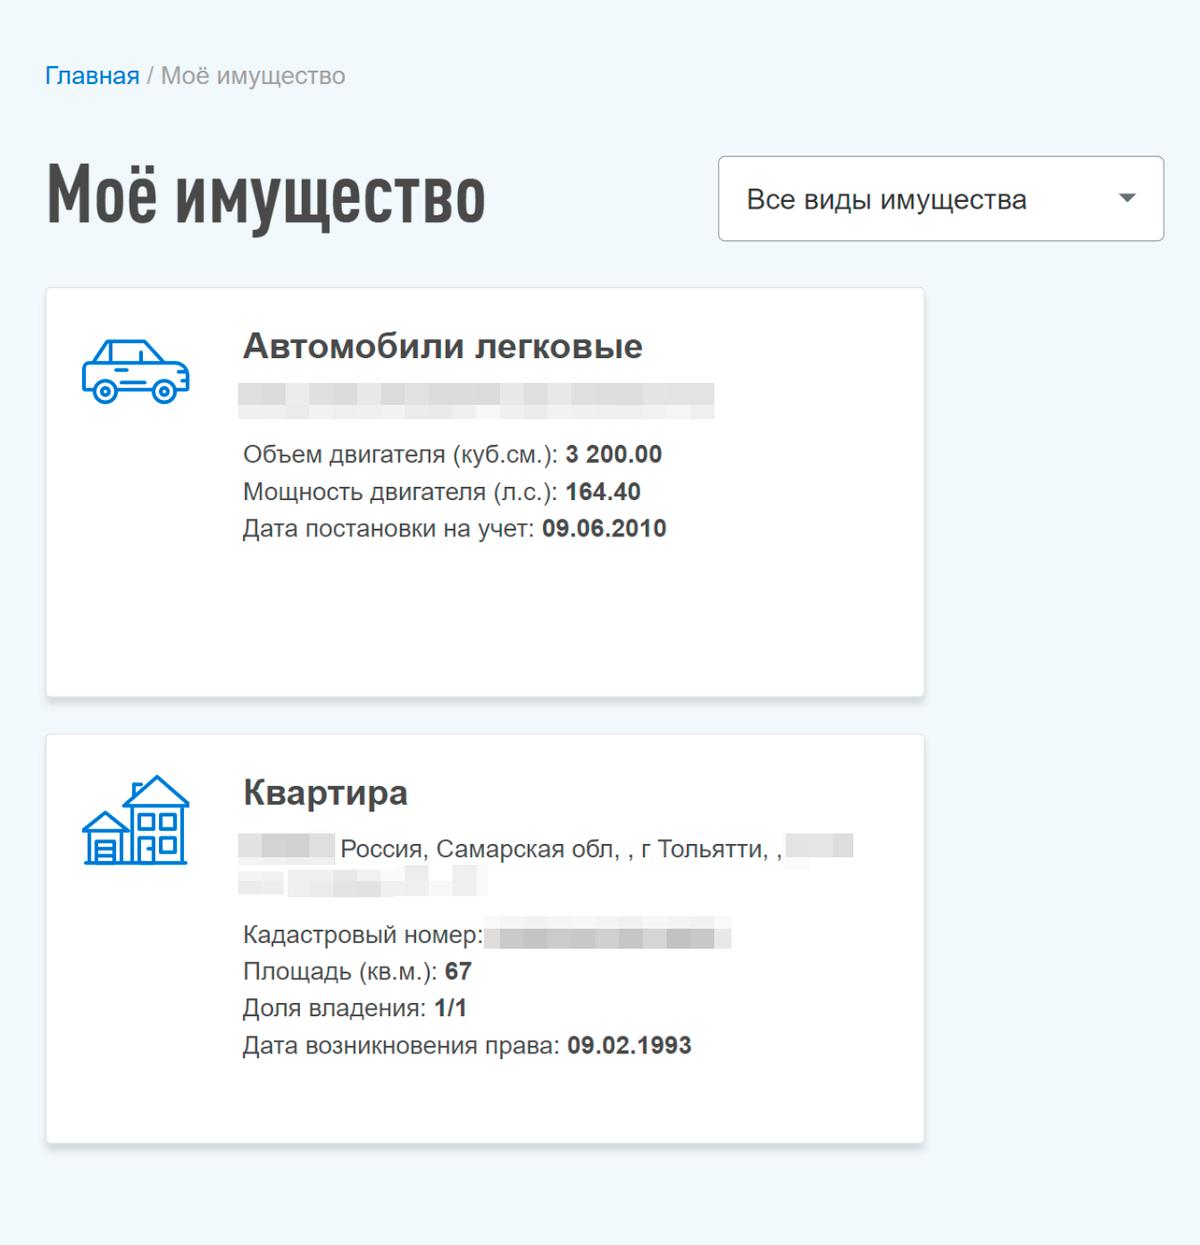 Скрин из личного кабинета мамы на сайте налоговой. Во вкладке «Мое имущество» отображается только квартира в Тольятти — о московской квартире никаких данных нет